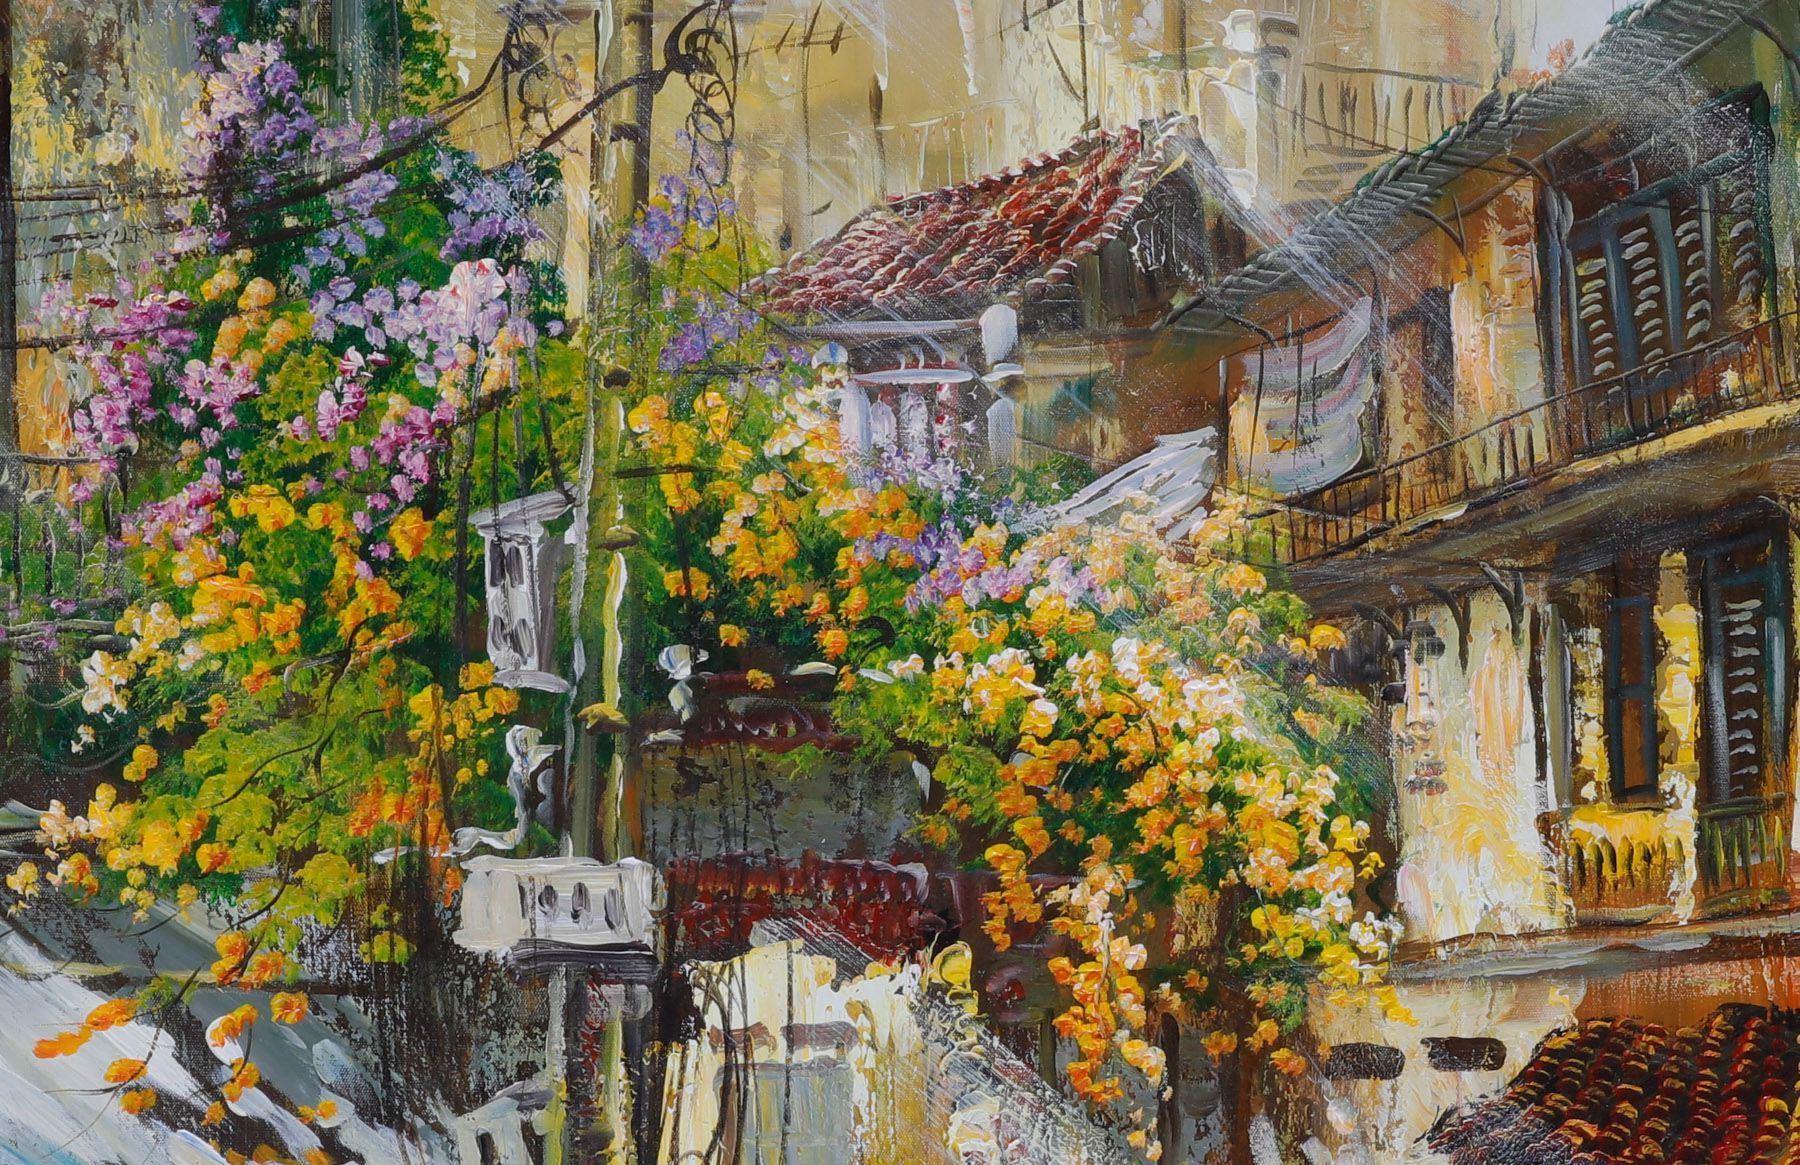 tranh sơn dầu Hà Nội